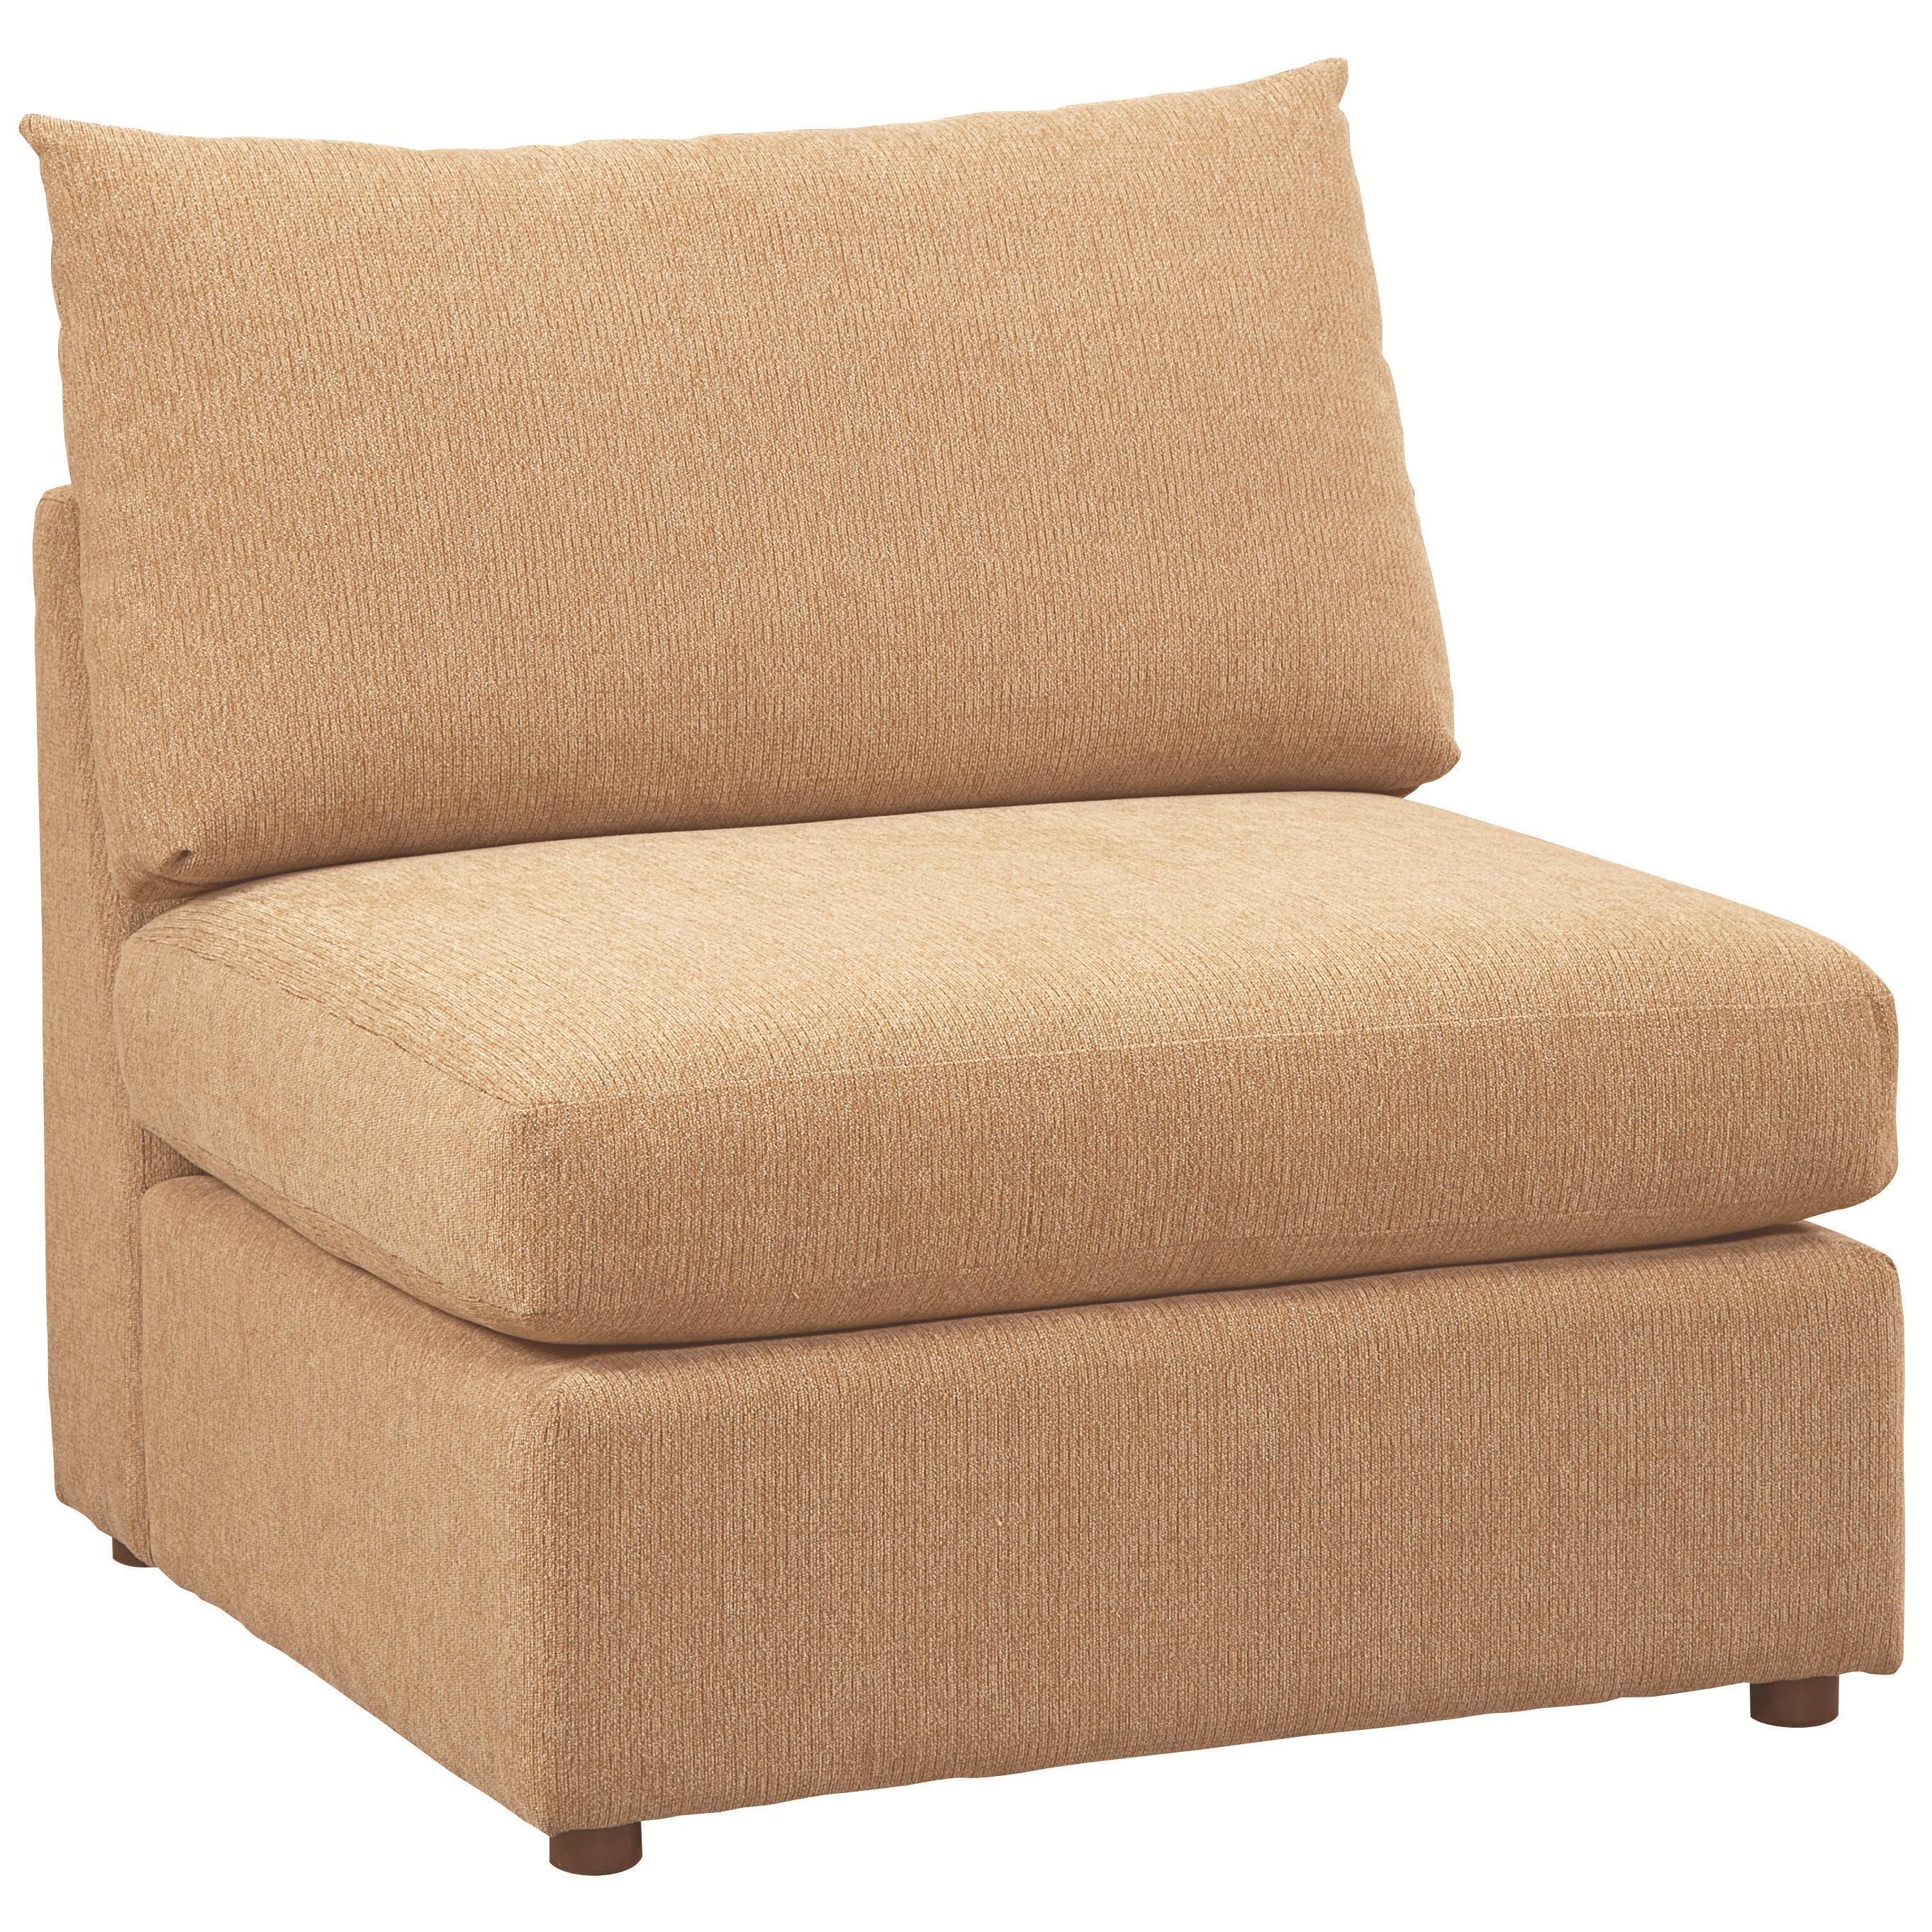 Bassett Beckham 3974 Armless Chair - Item Number: 3974-20FC